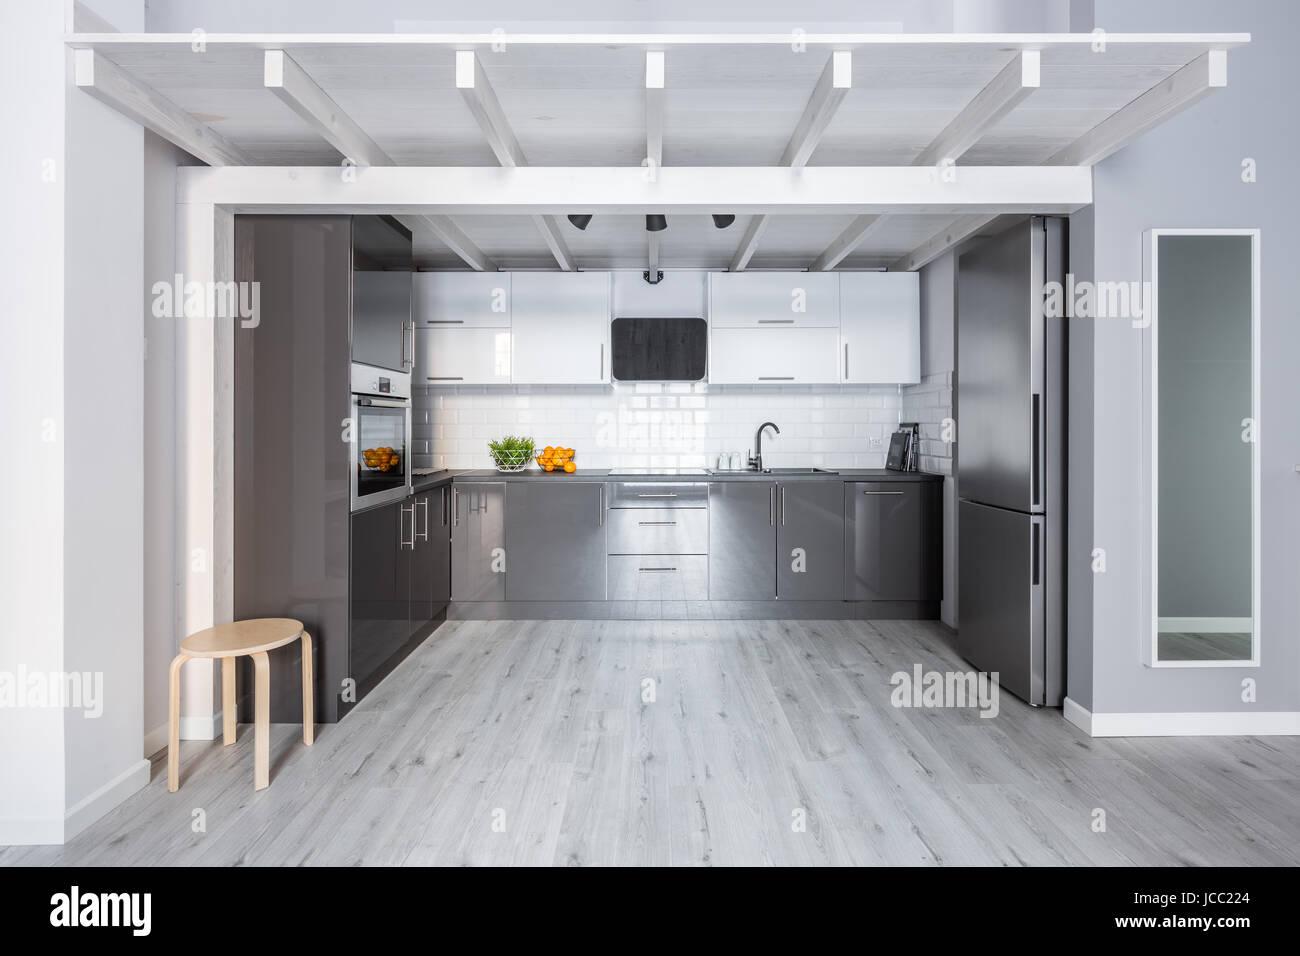 Soffitti In Legno Bianco : Galleria immagini gallo legnami srl case in legno e case